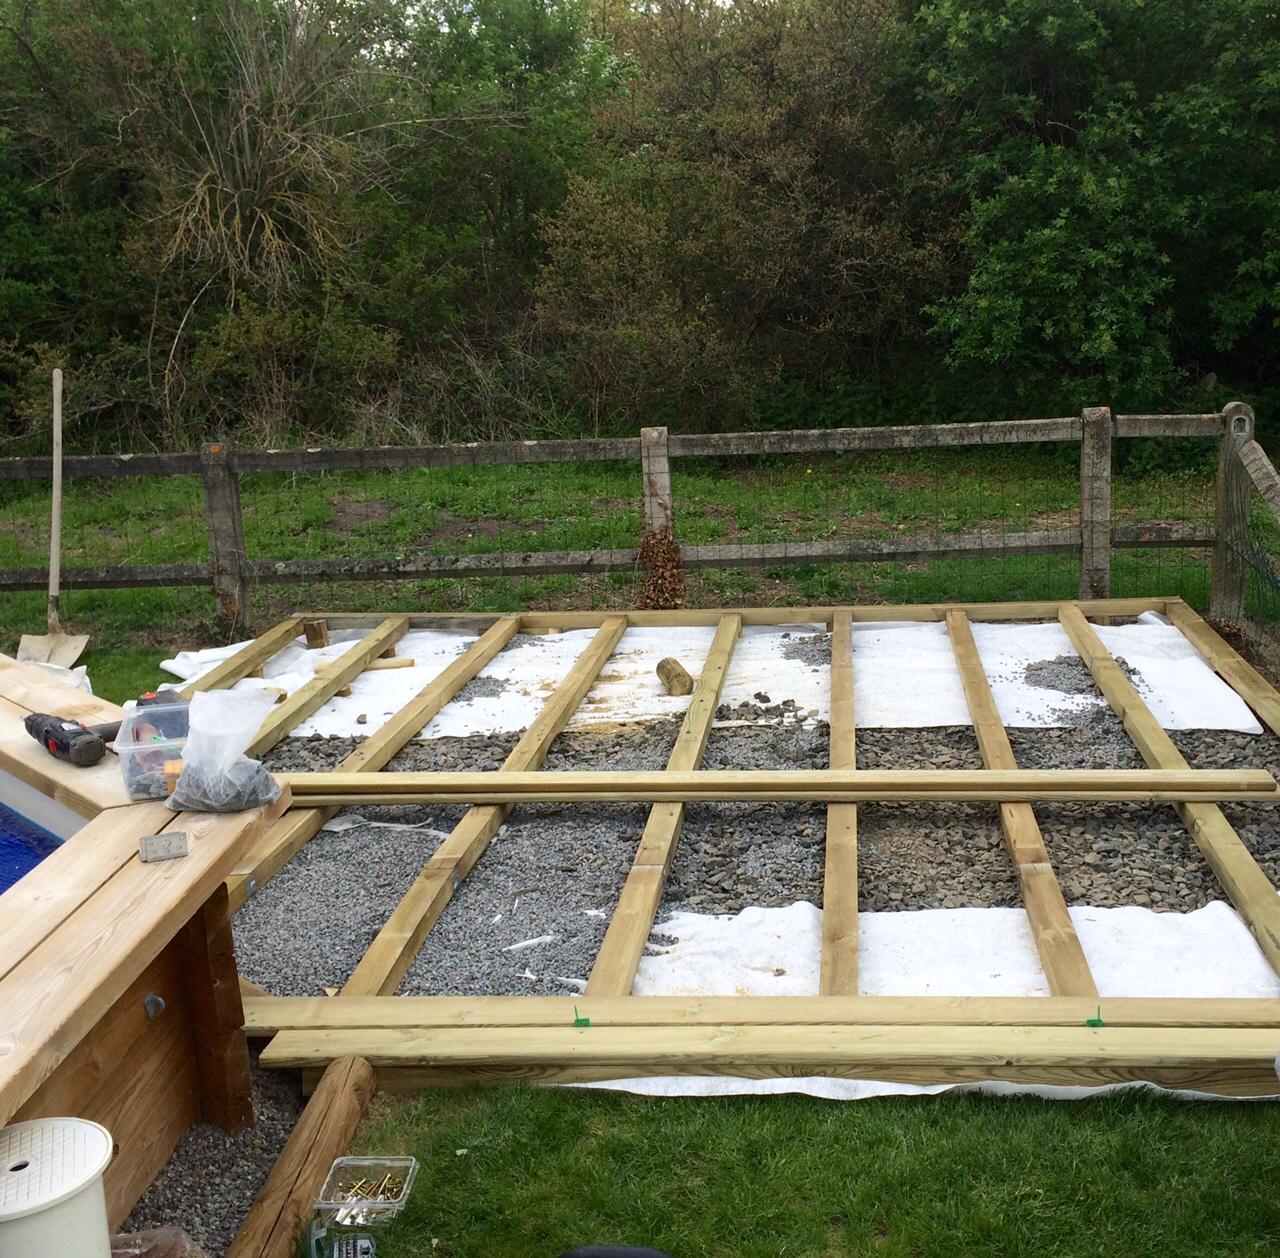 Mickael croizet paysagiste entretien et cr ation espace for Cloture piscine bois